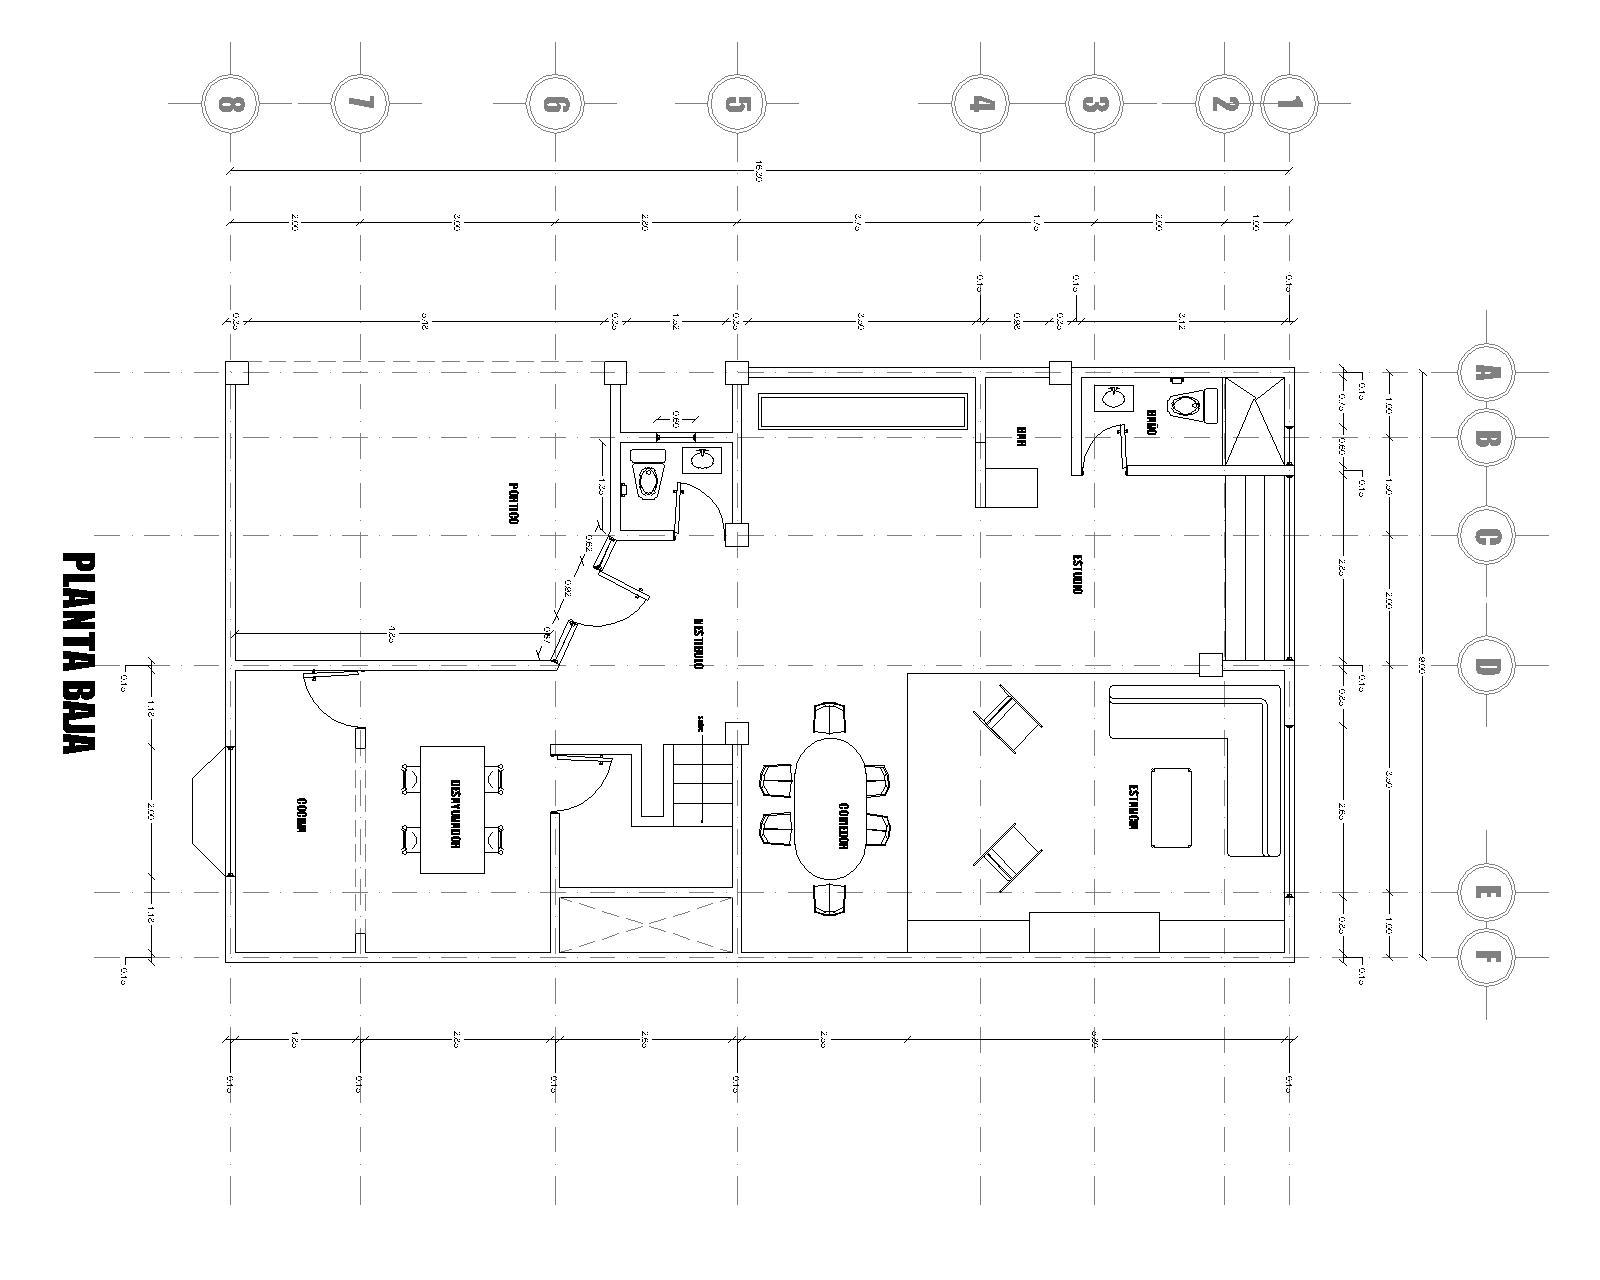 Casa habitacion planos y fachadas plano casa habitacin for Plano casa habitacion